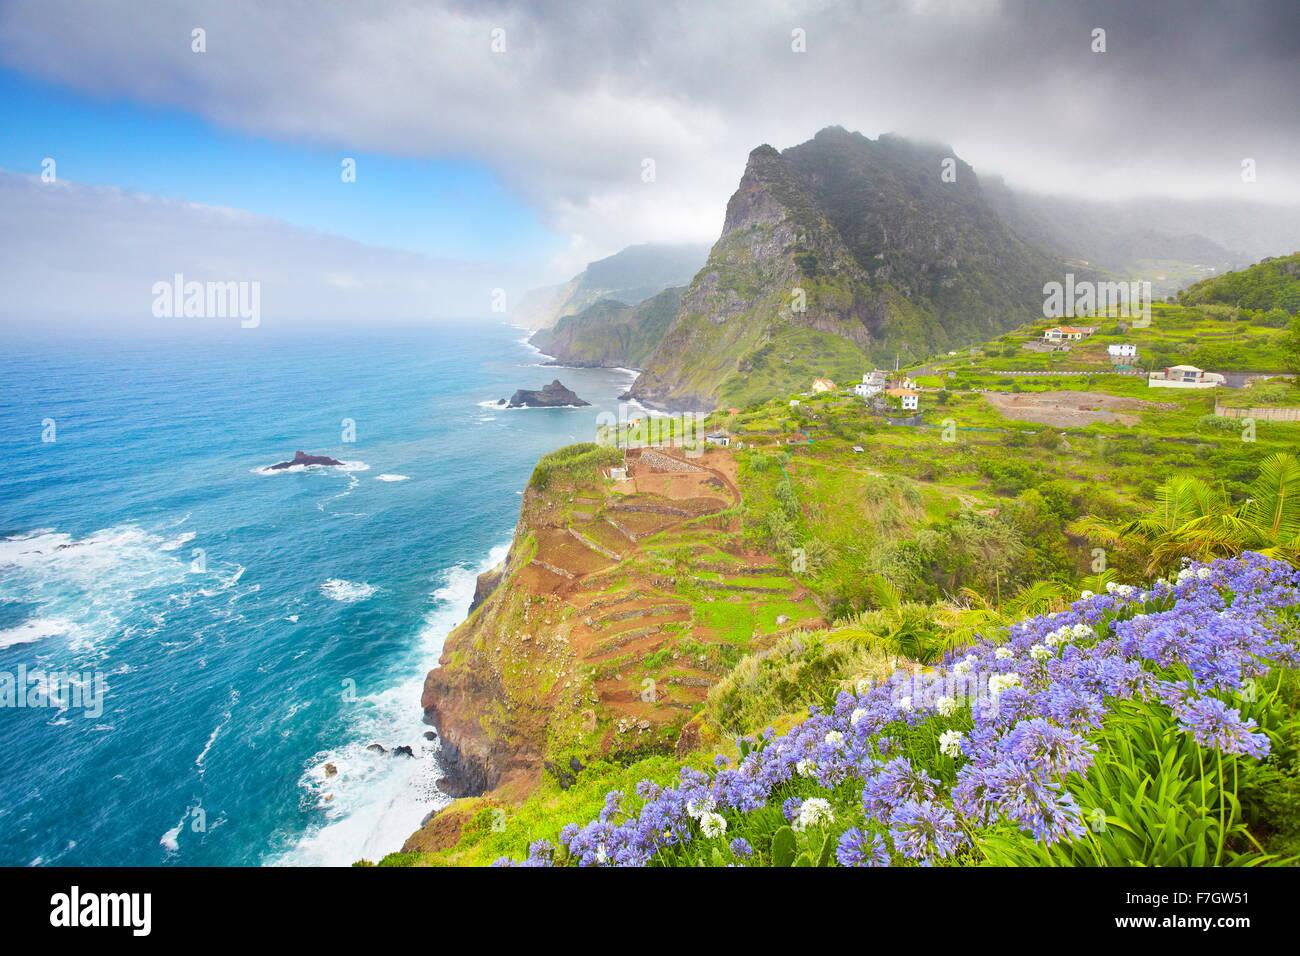 Madère - paysage de la côte près de Falaise, Ponta Delgada, Madère, Portugal Photo Stock